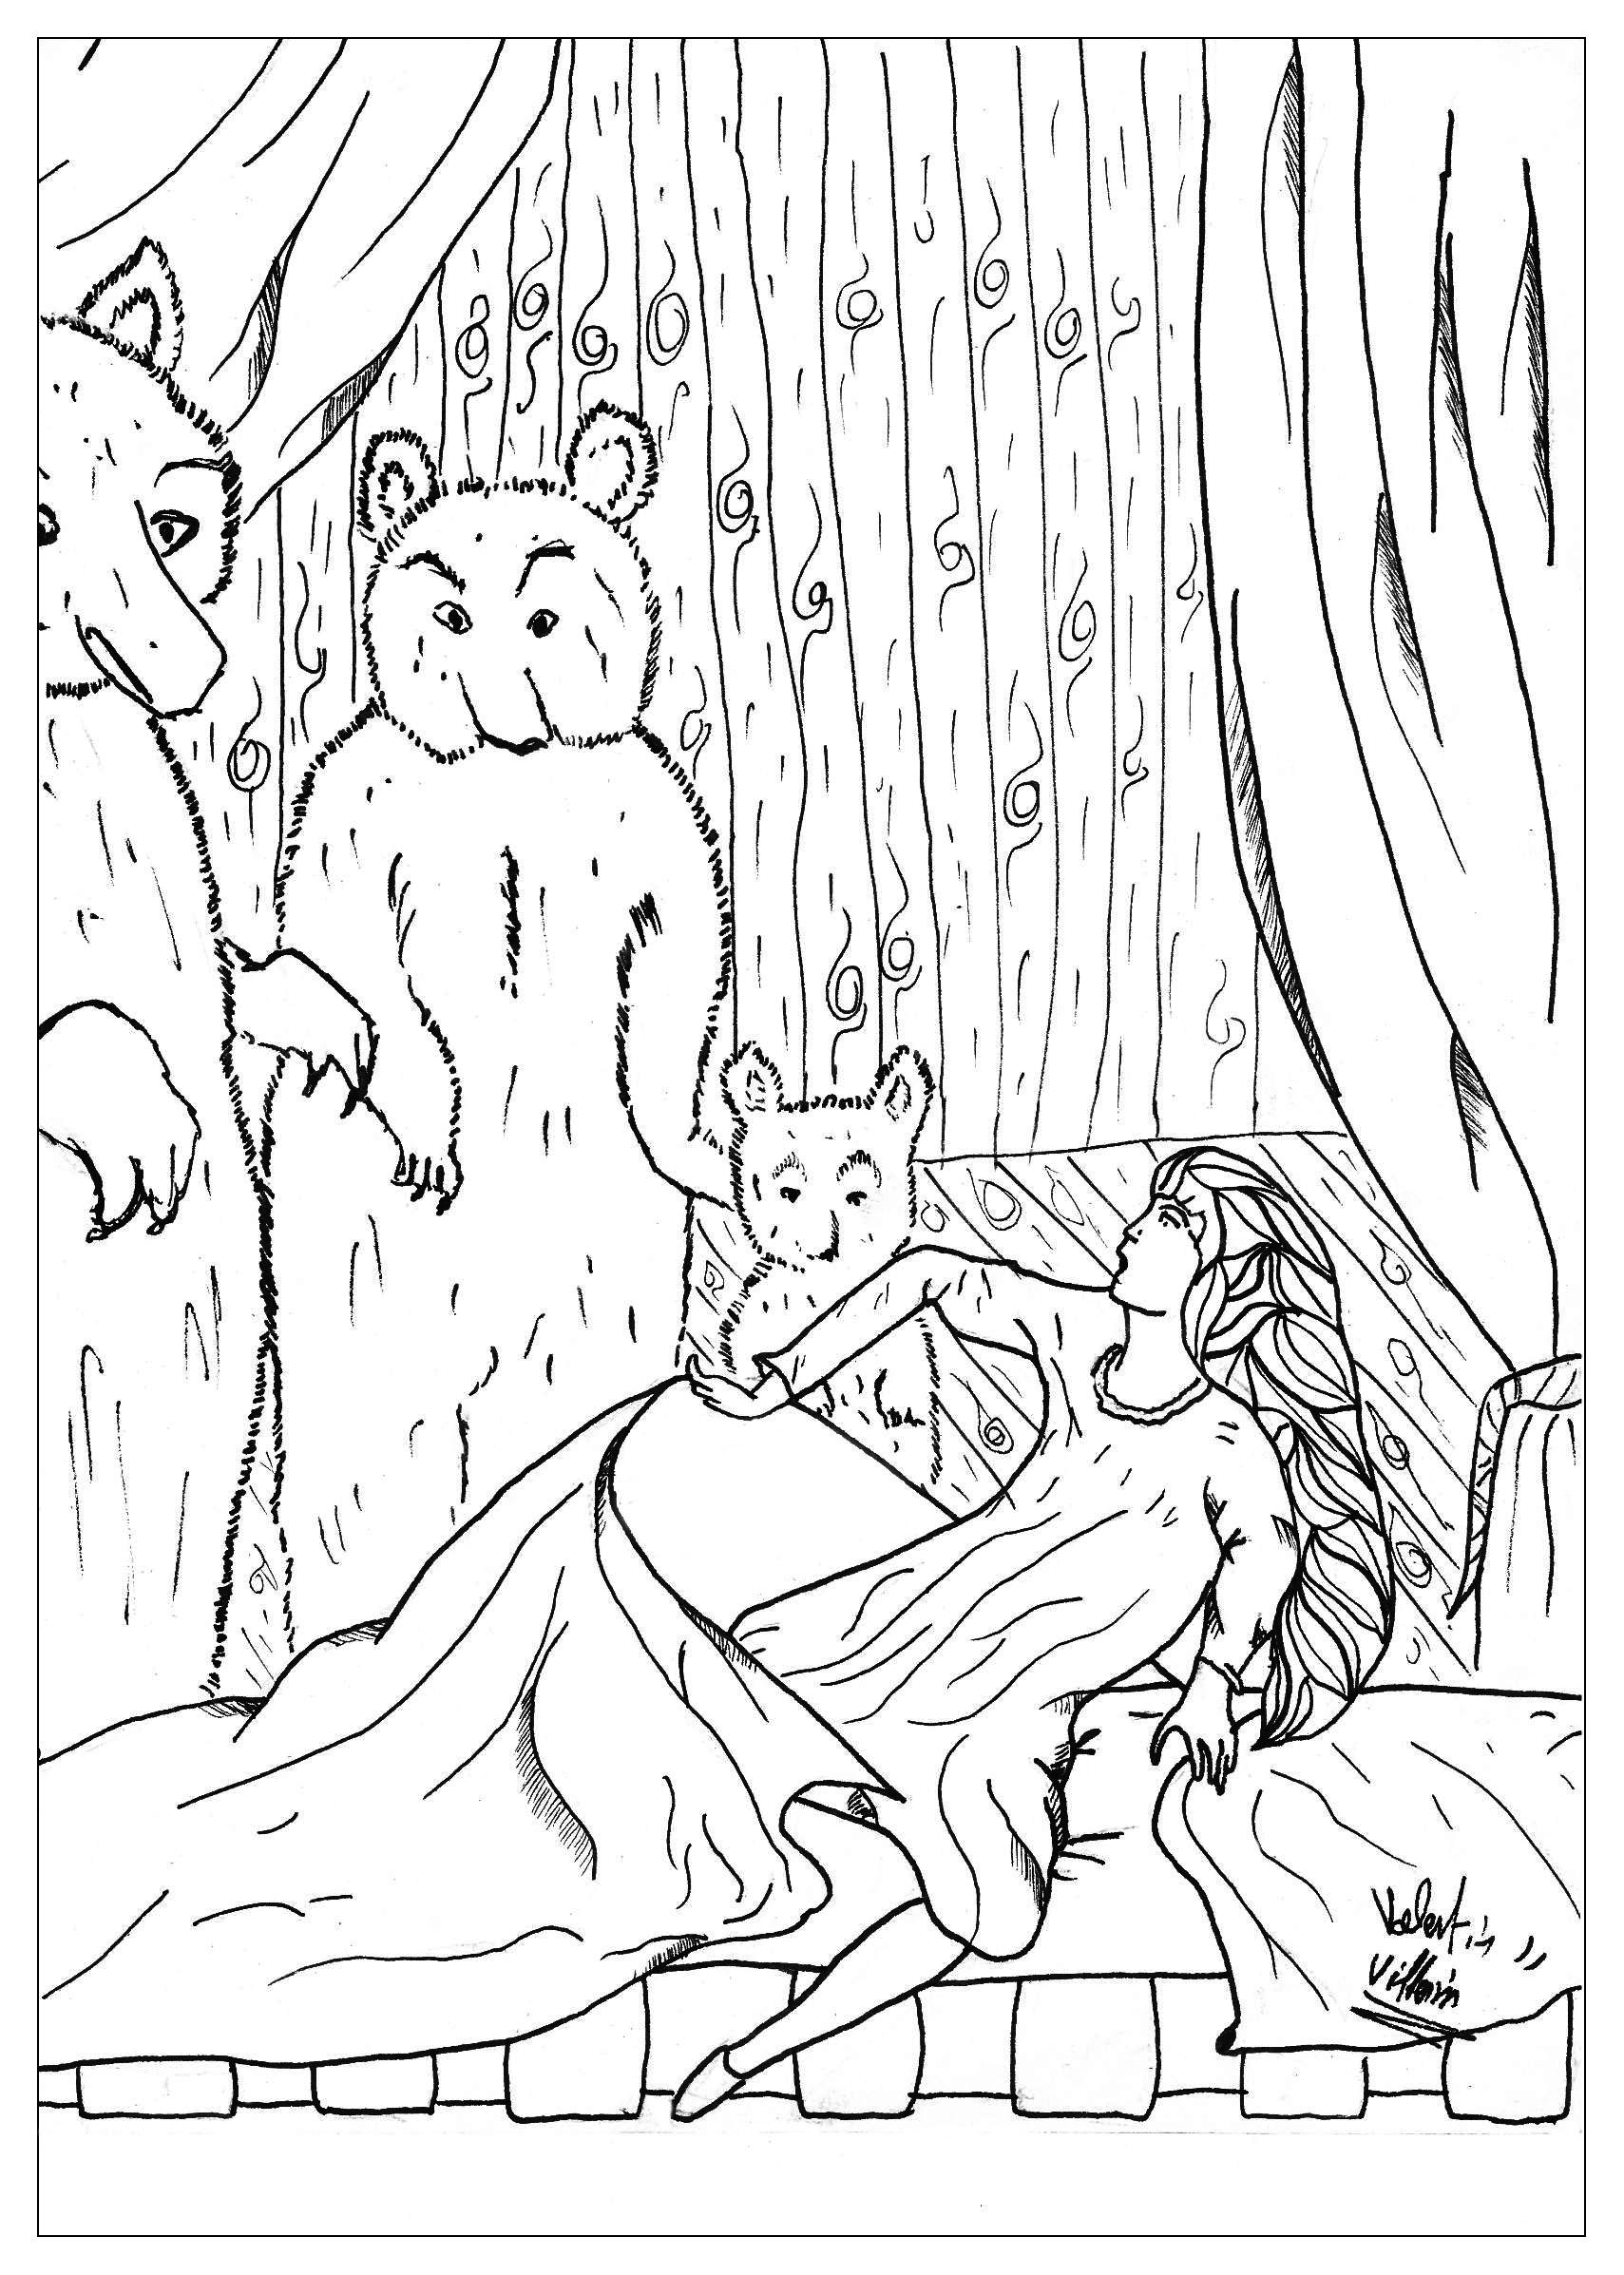 Boucle d'Or et les 3 Ours, dans un coloriage.